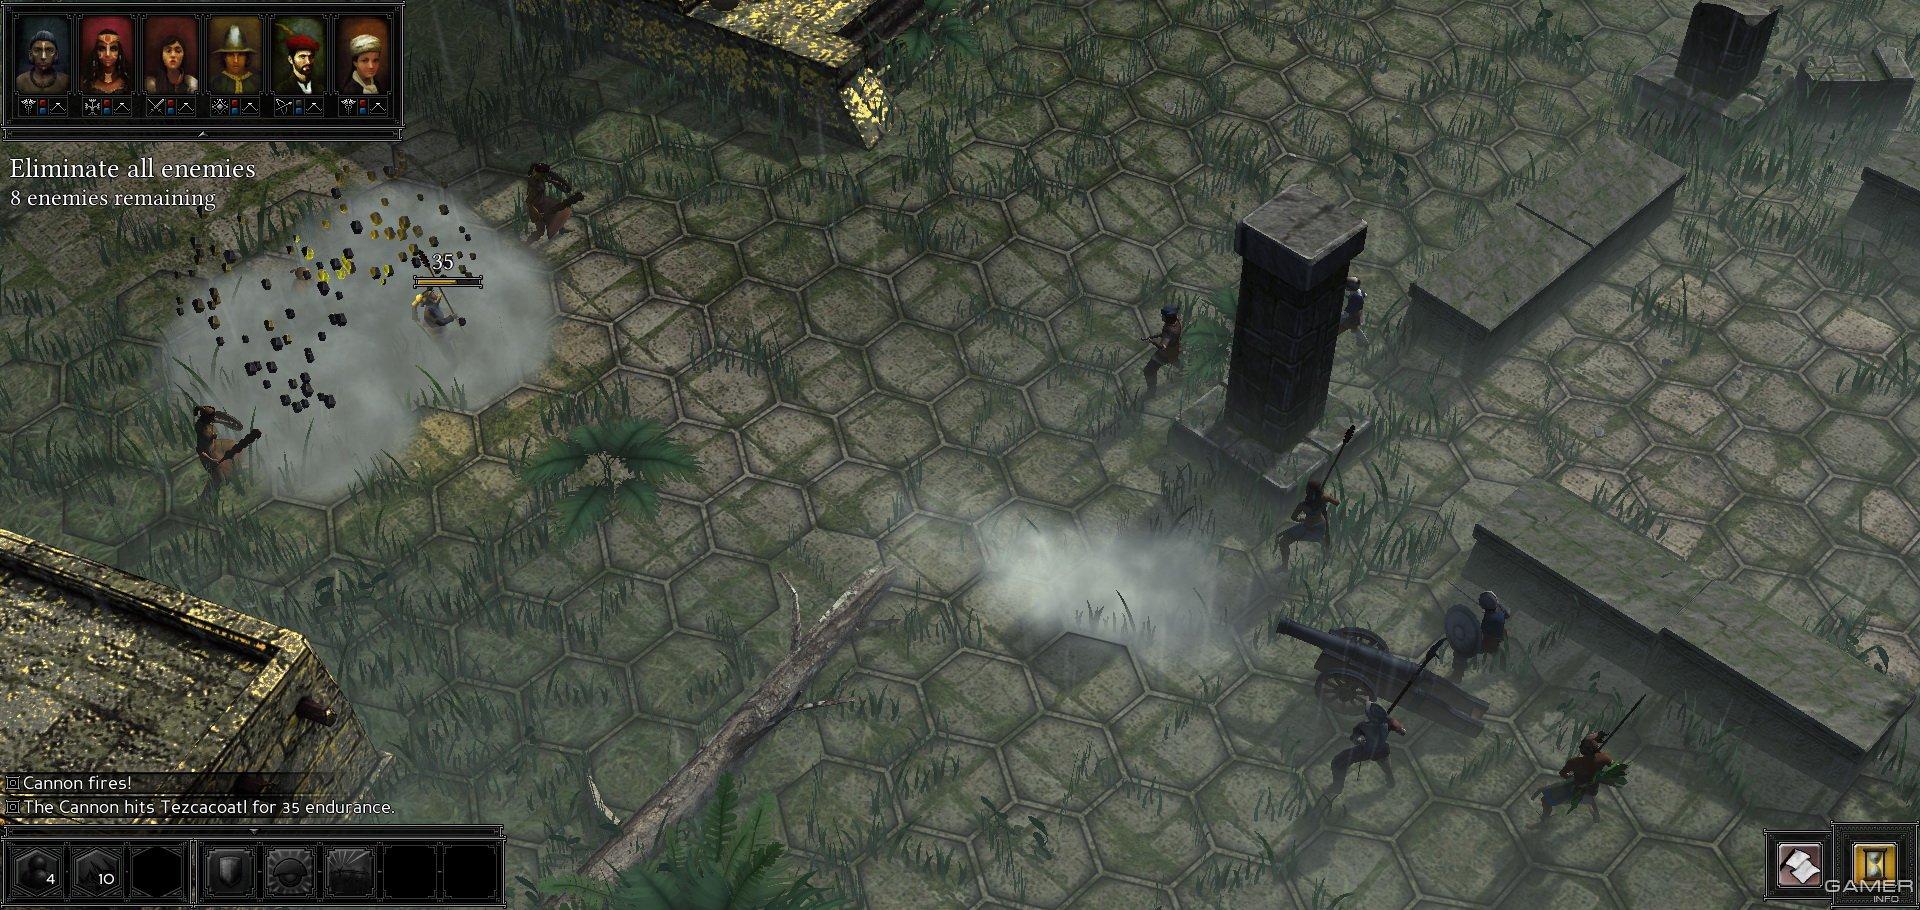 Скриншоты Expeditions: Conquistador - 5 скринов и